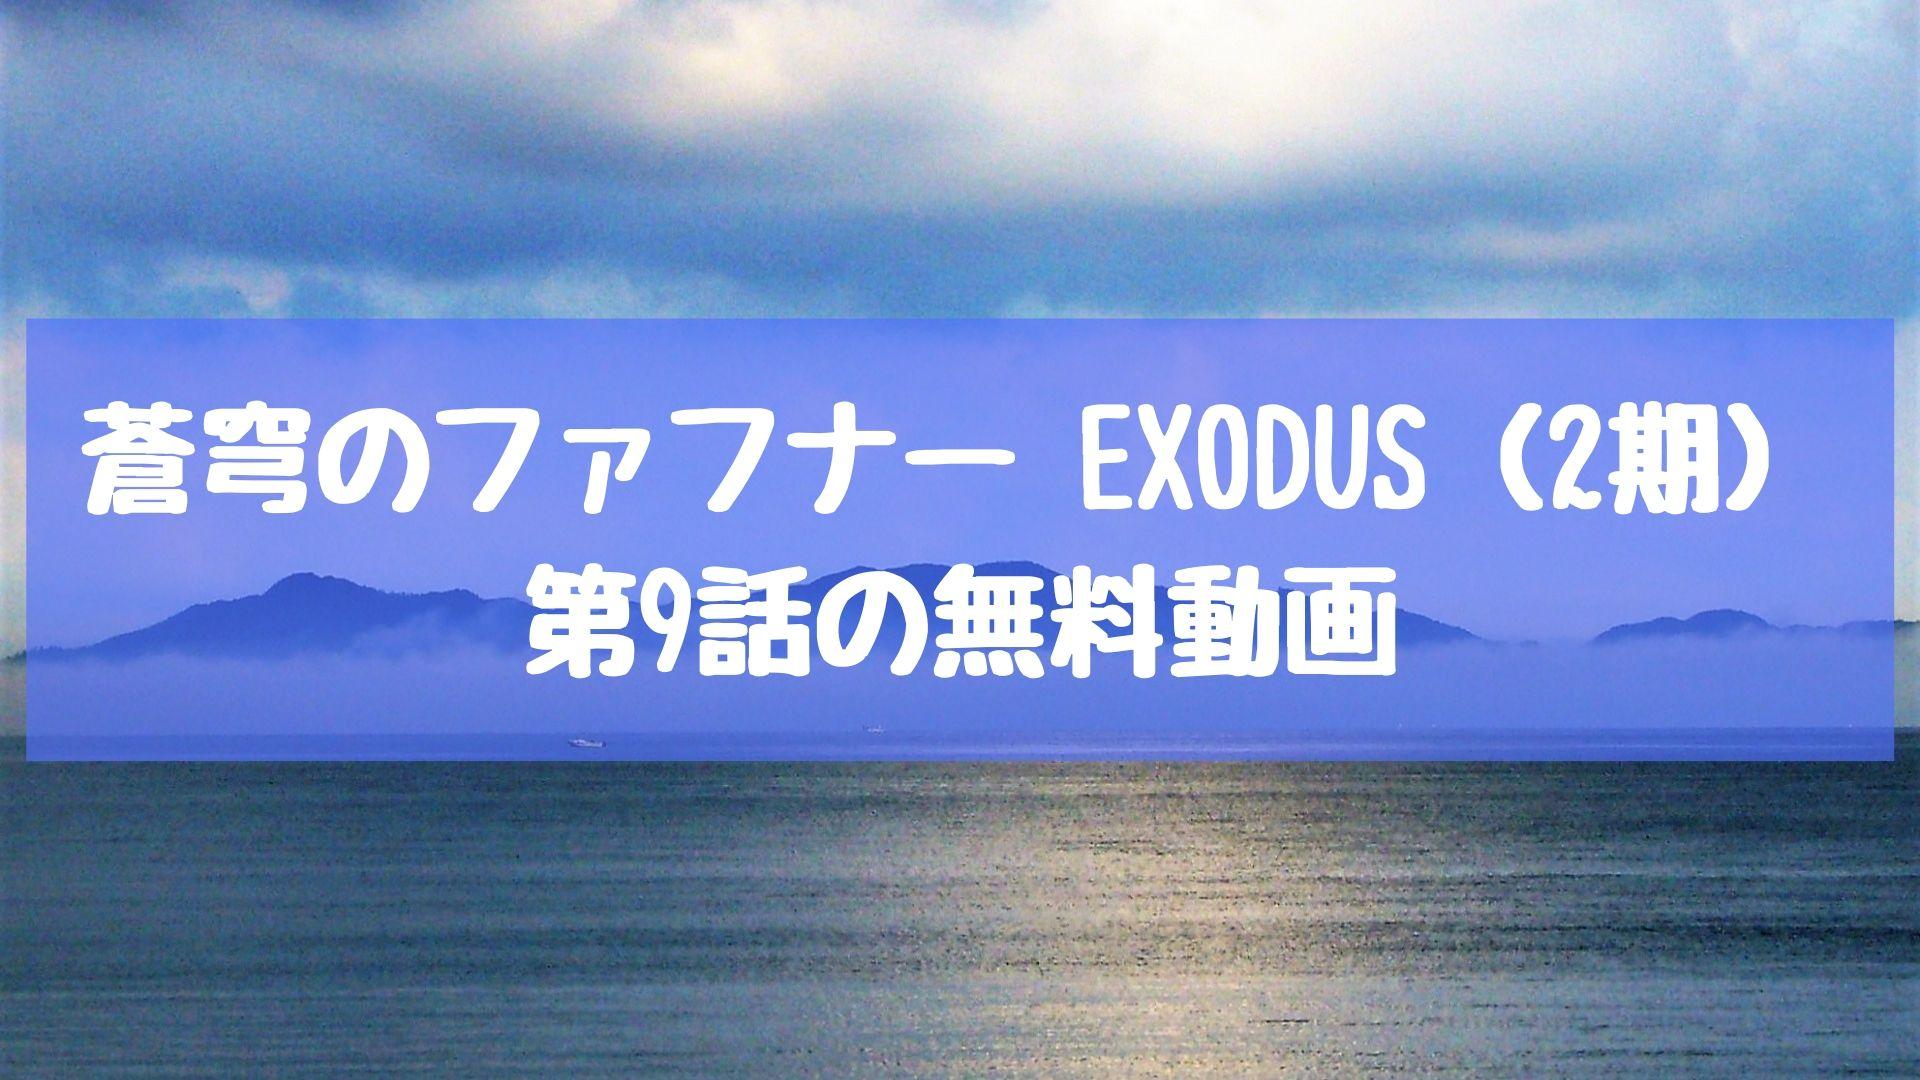 蒼穹のファフナー EXODUS(2期) 第9話の無料動画